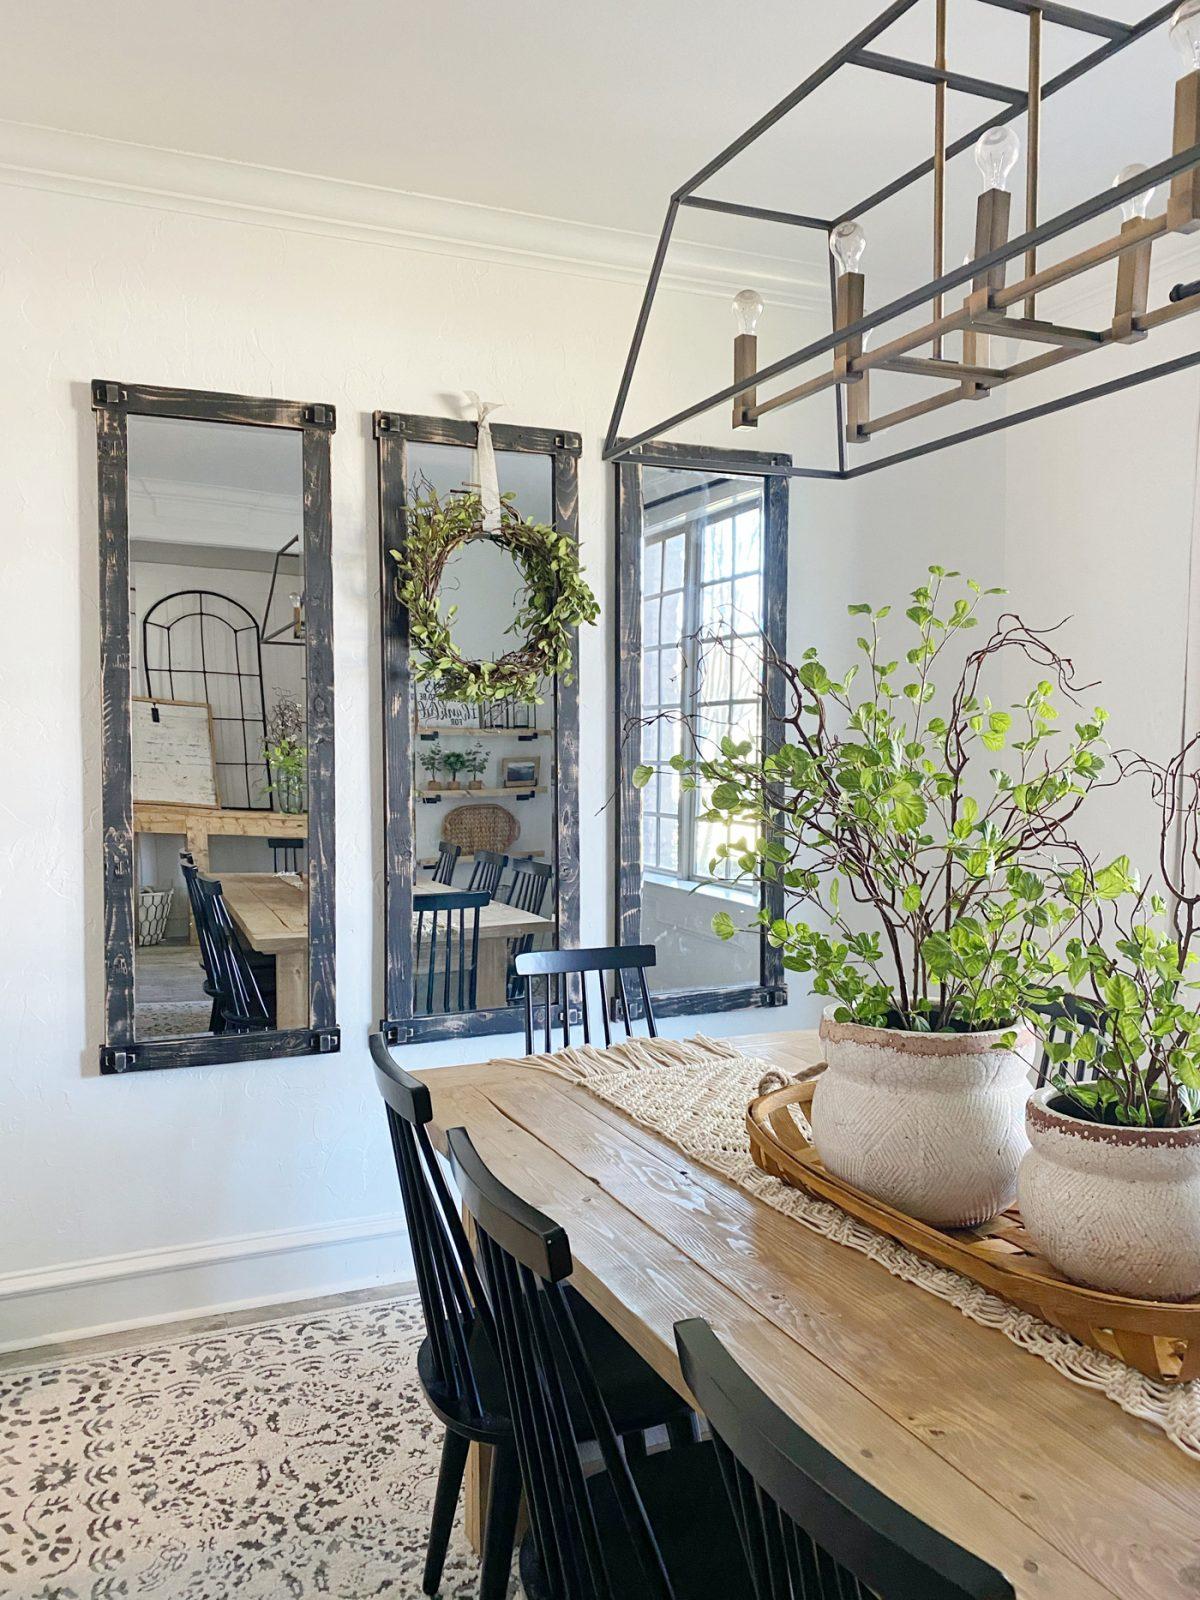 DIY $50 Full Length Wall Mirrors